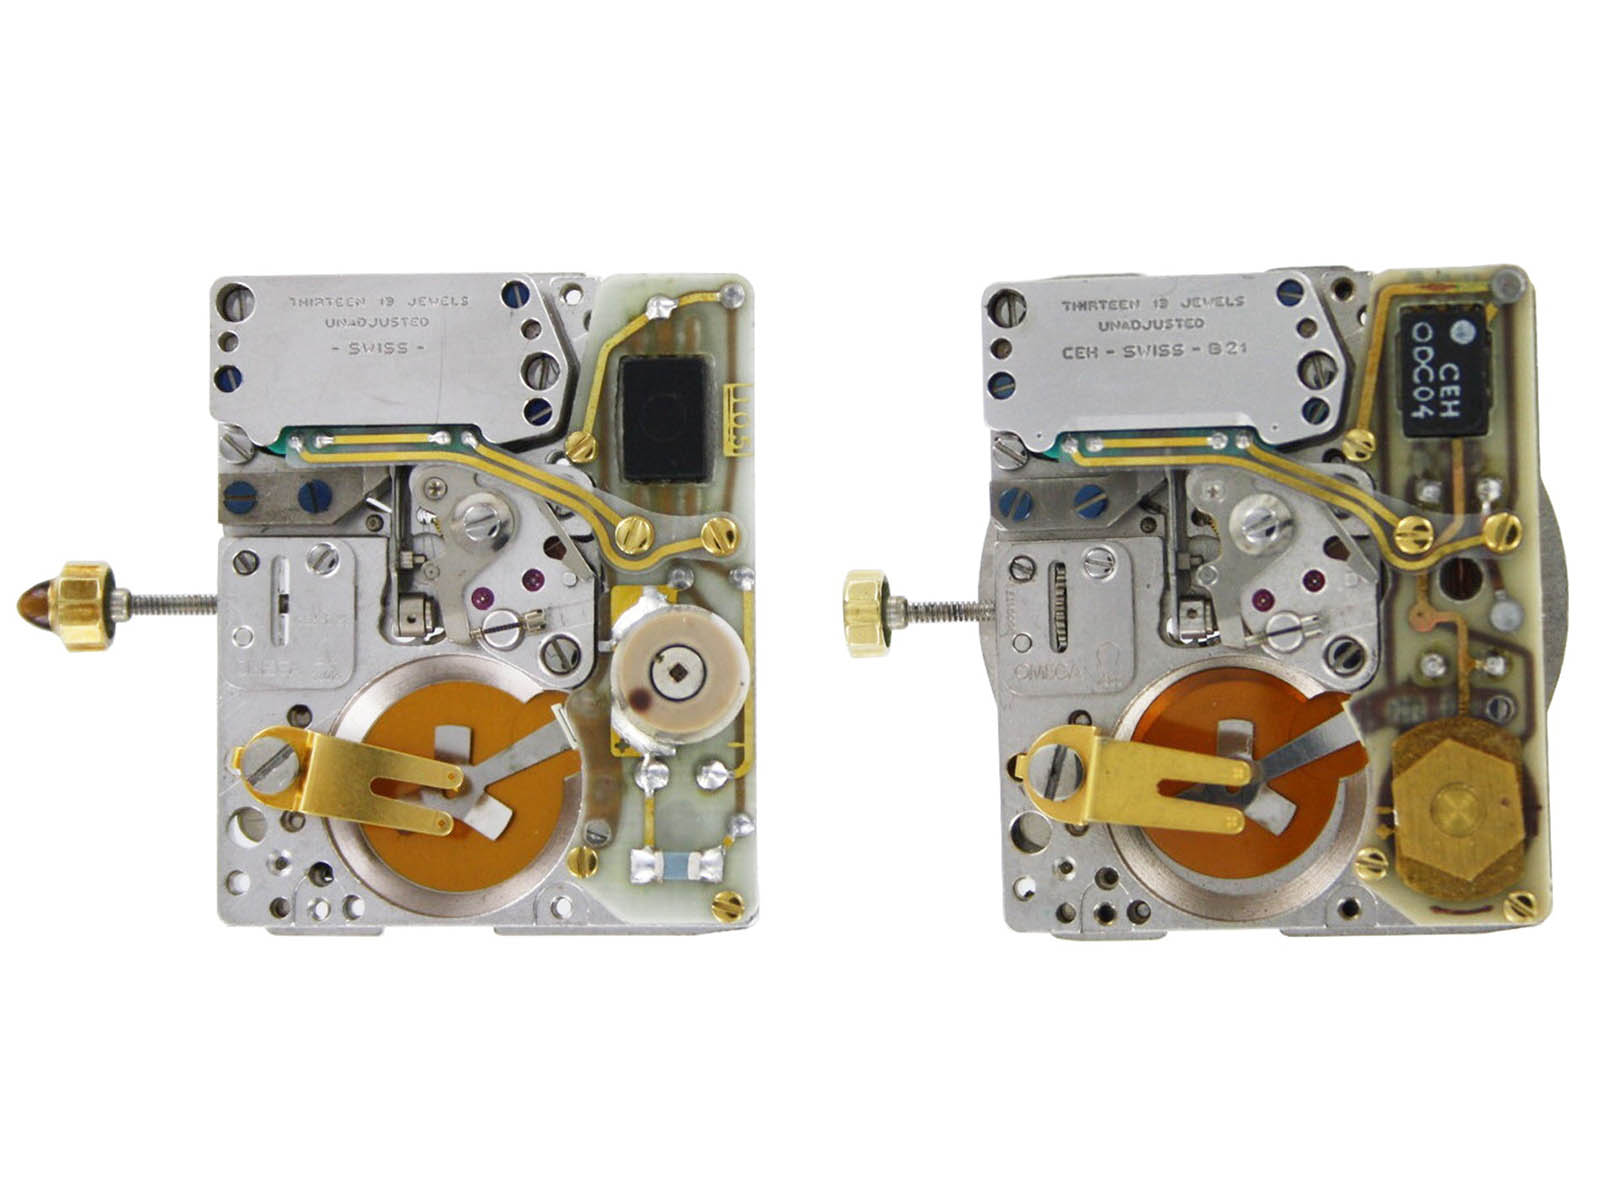 quartz-watches-7.jpg